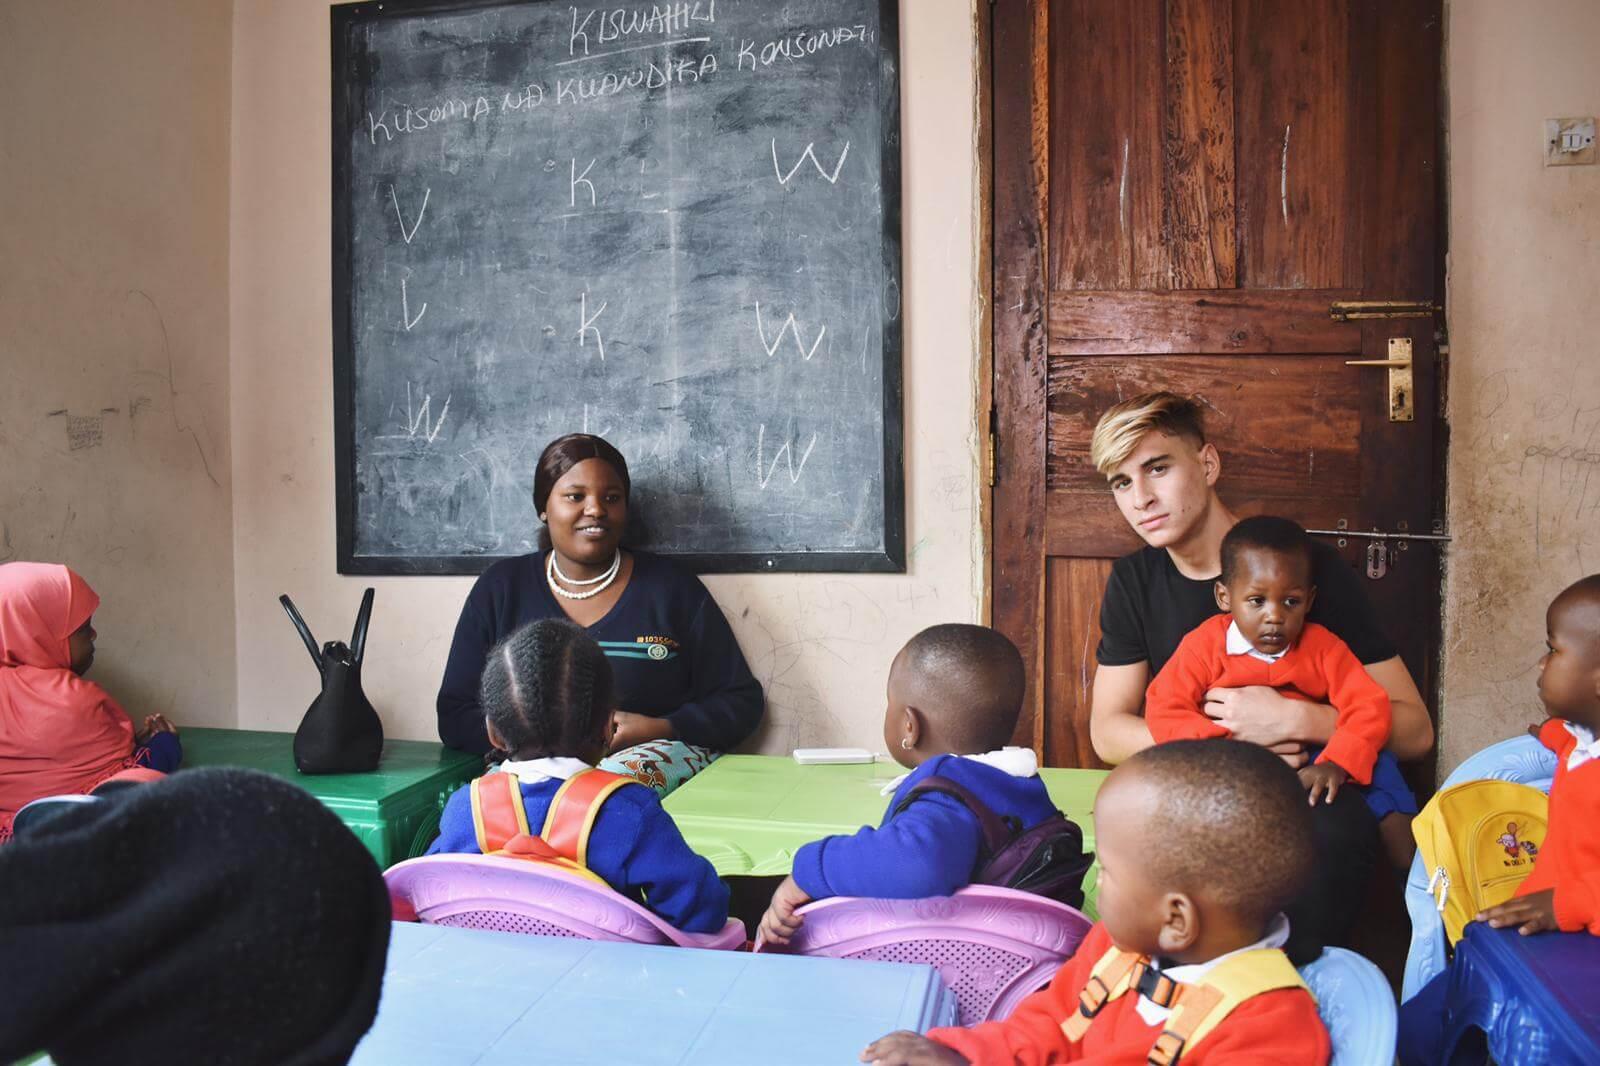 Umjesto na faks, 18-godišnjak s Hvara nakon mature otišao u Afriku: Volontira, a sada i prikuplja donacije za djecu koju podučava